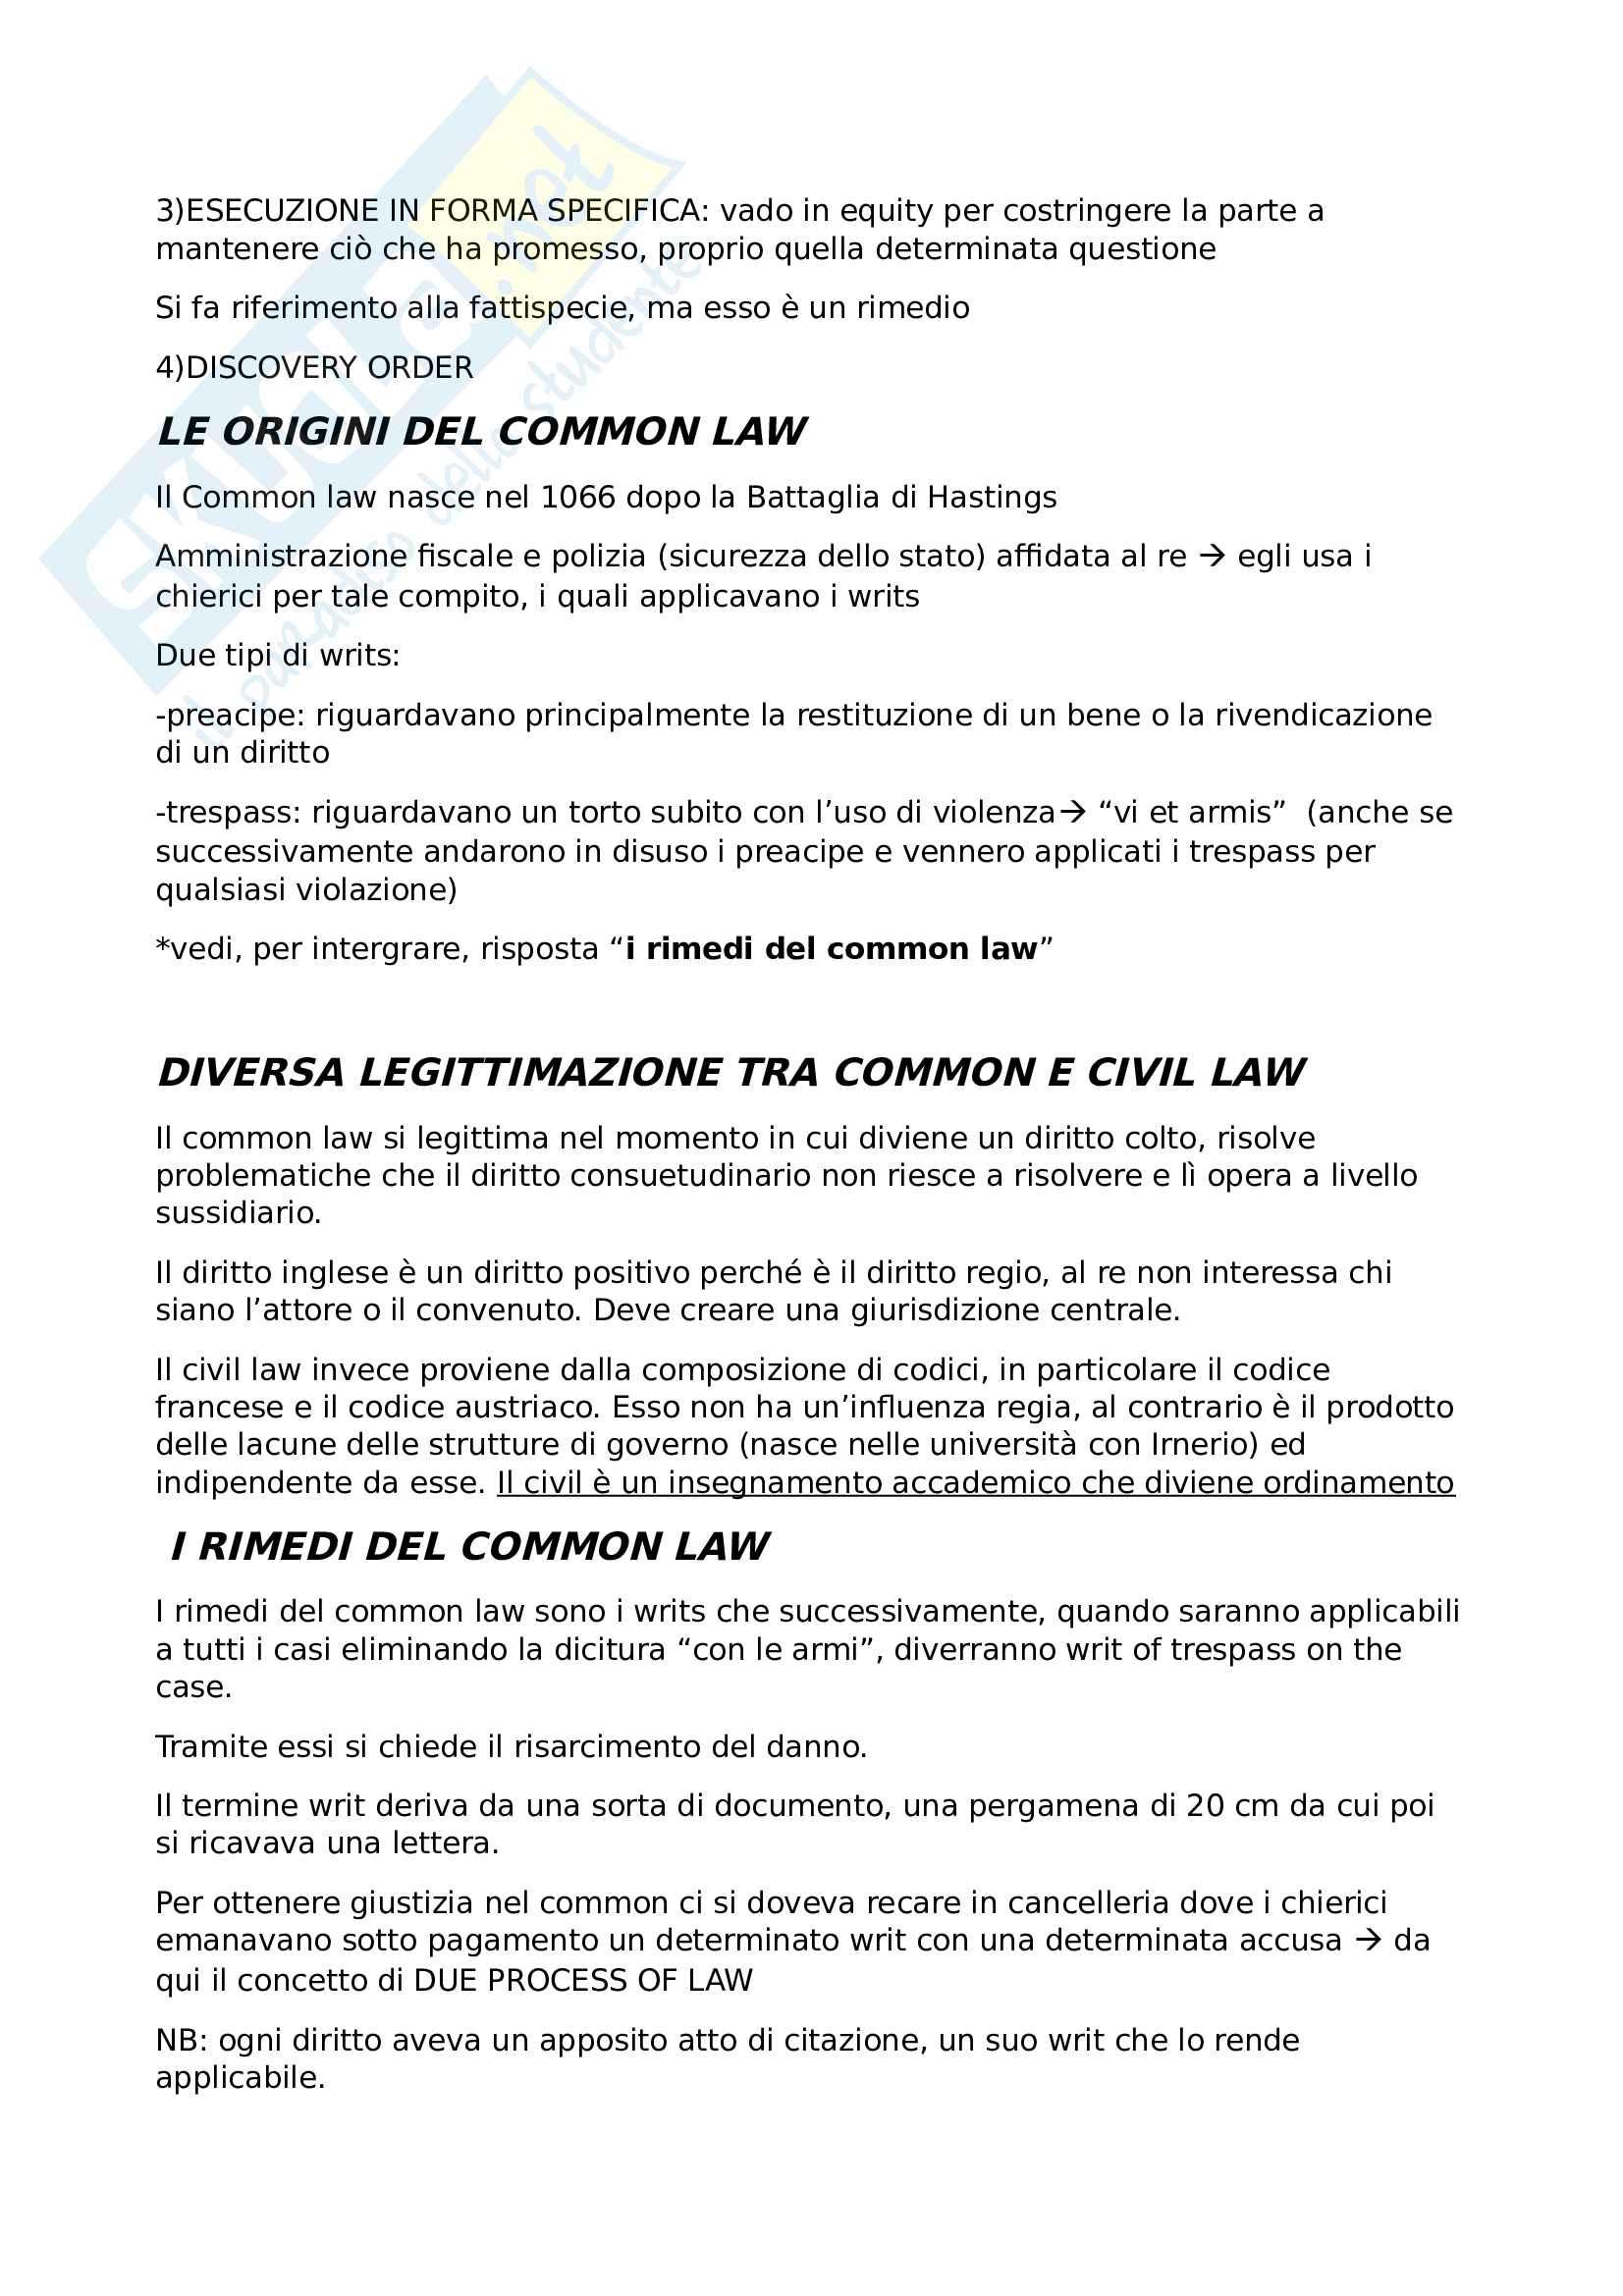 Domande e risposte Sistemi giuridici comparati Pag. 2